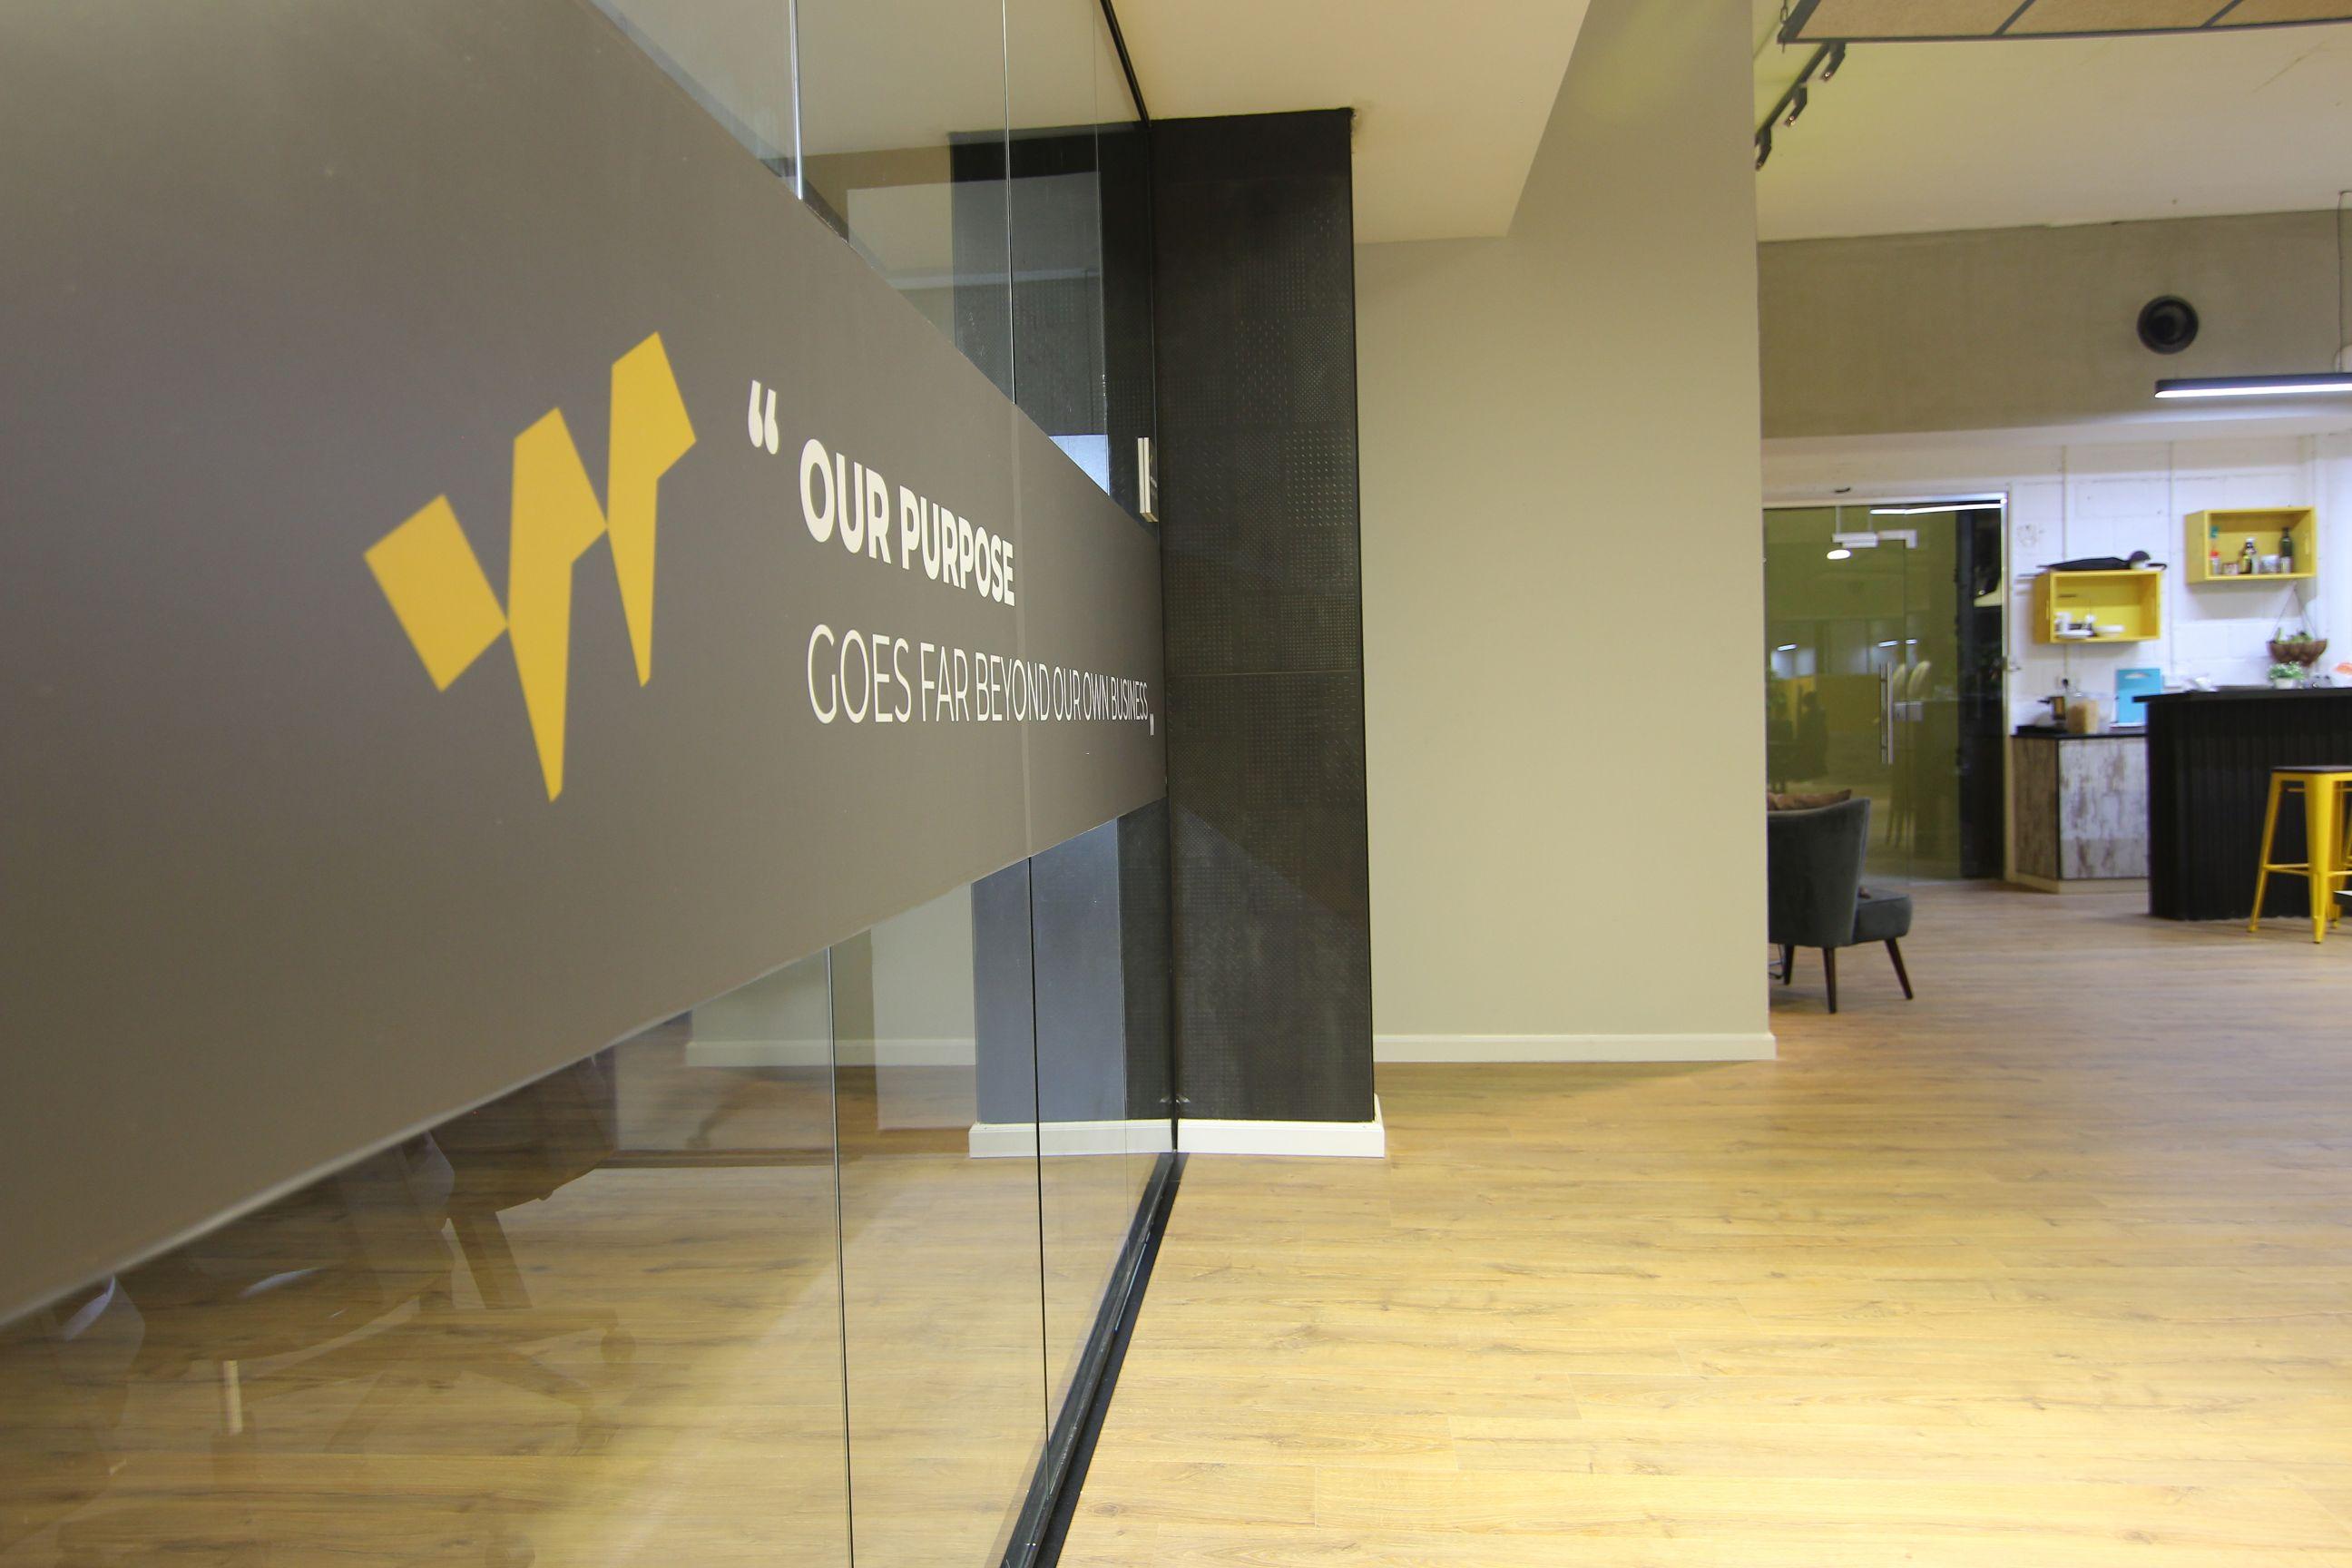 עיצוב פנים זכוכית למשרד | אדריכלות זכוכית למשרד - זכוכית למשרד